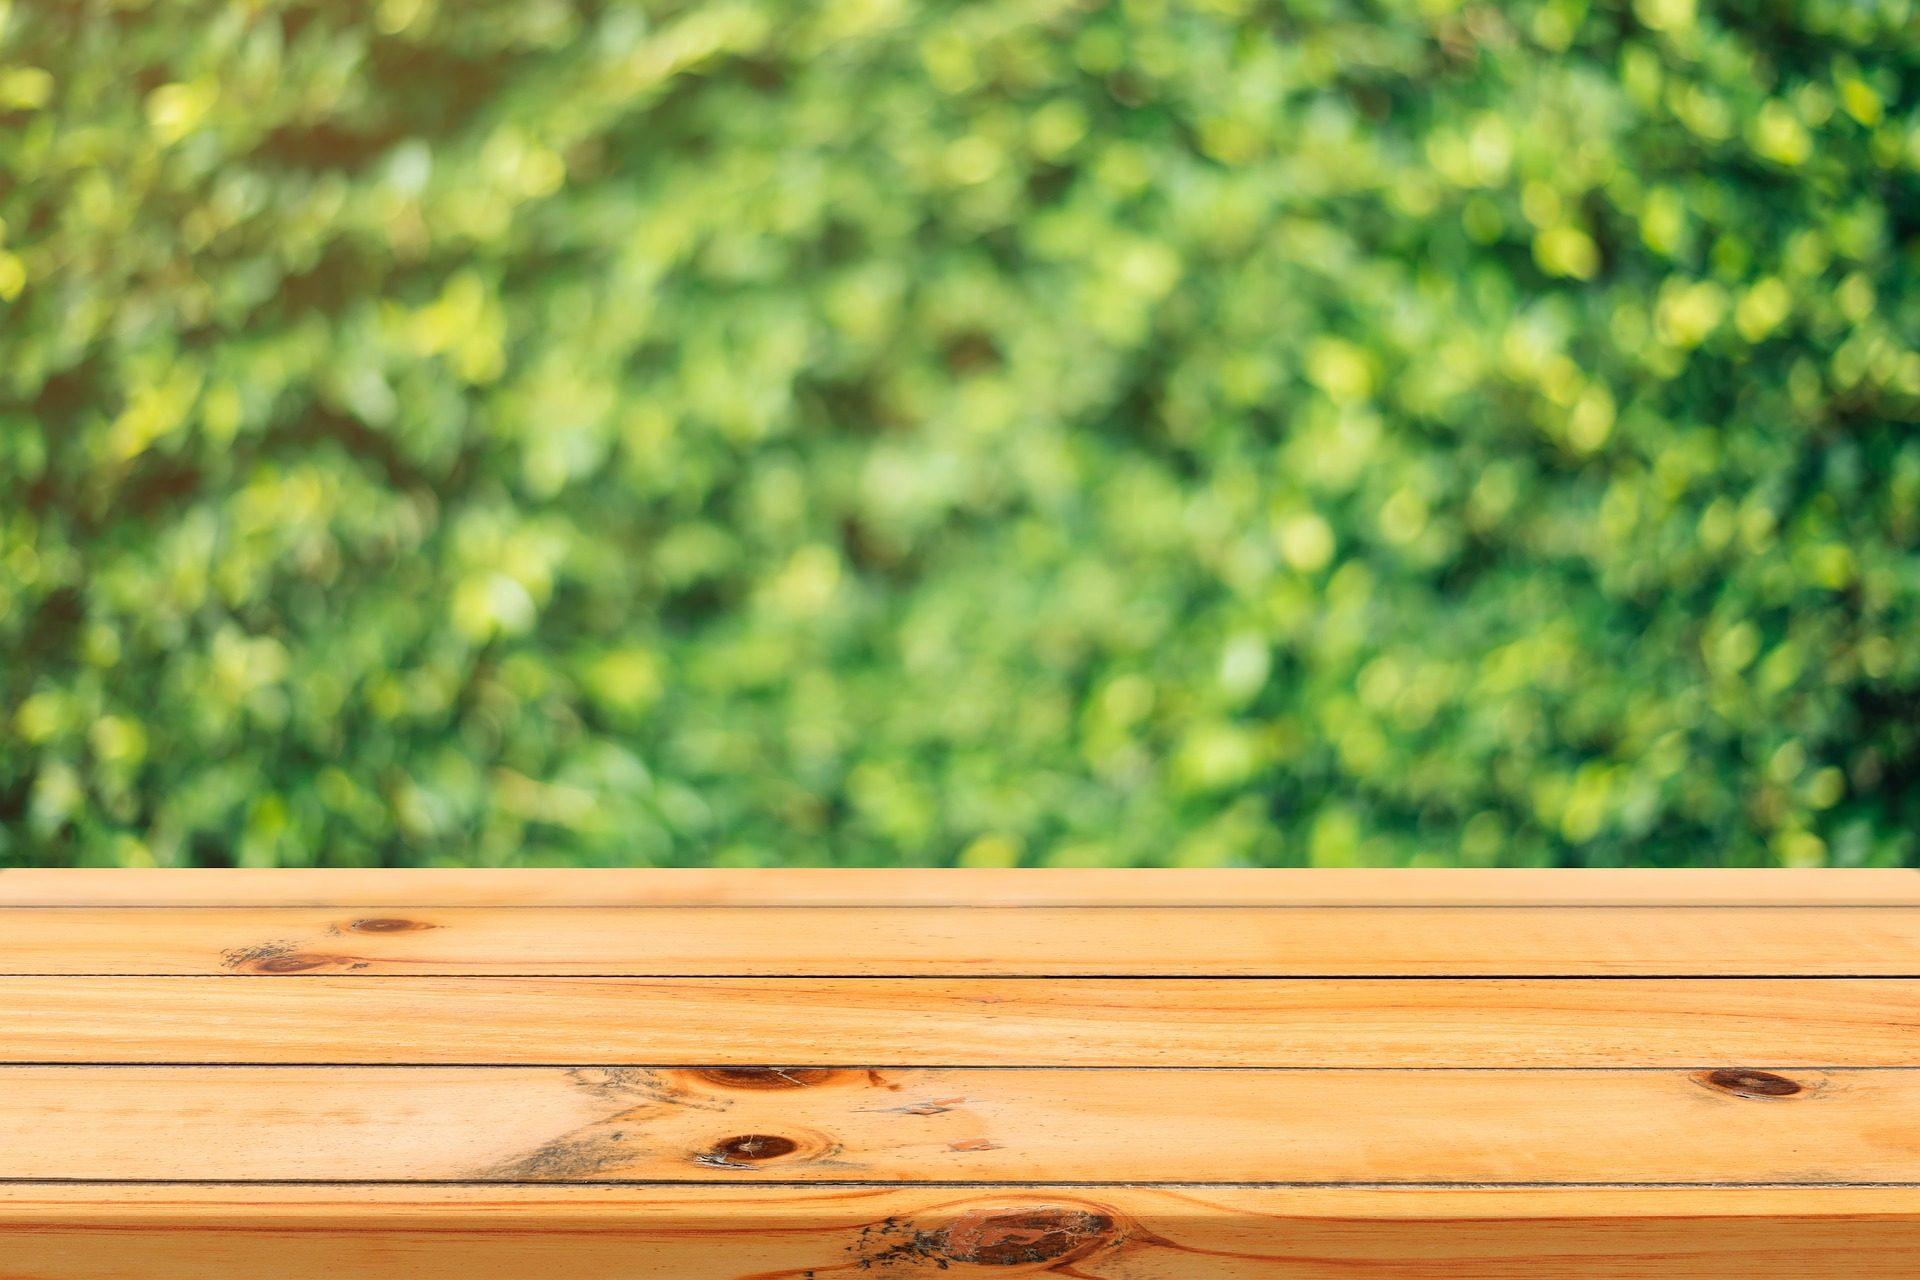 madeira, suporte, tabela, Jardim, plantas, Seto - Papéis de parede HD - Professor-falken.com